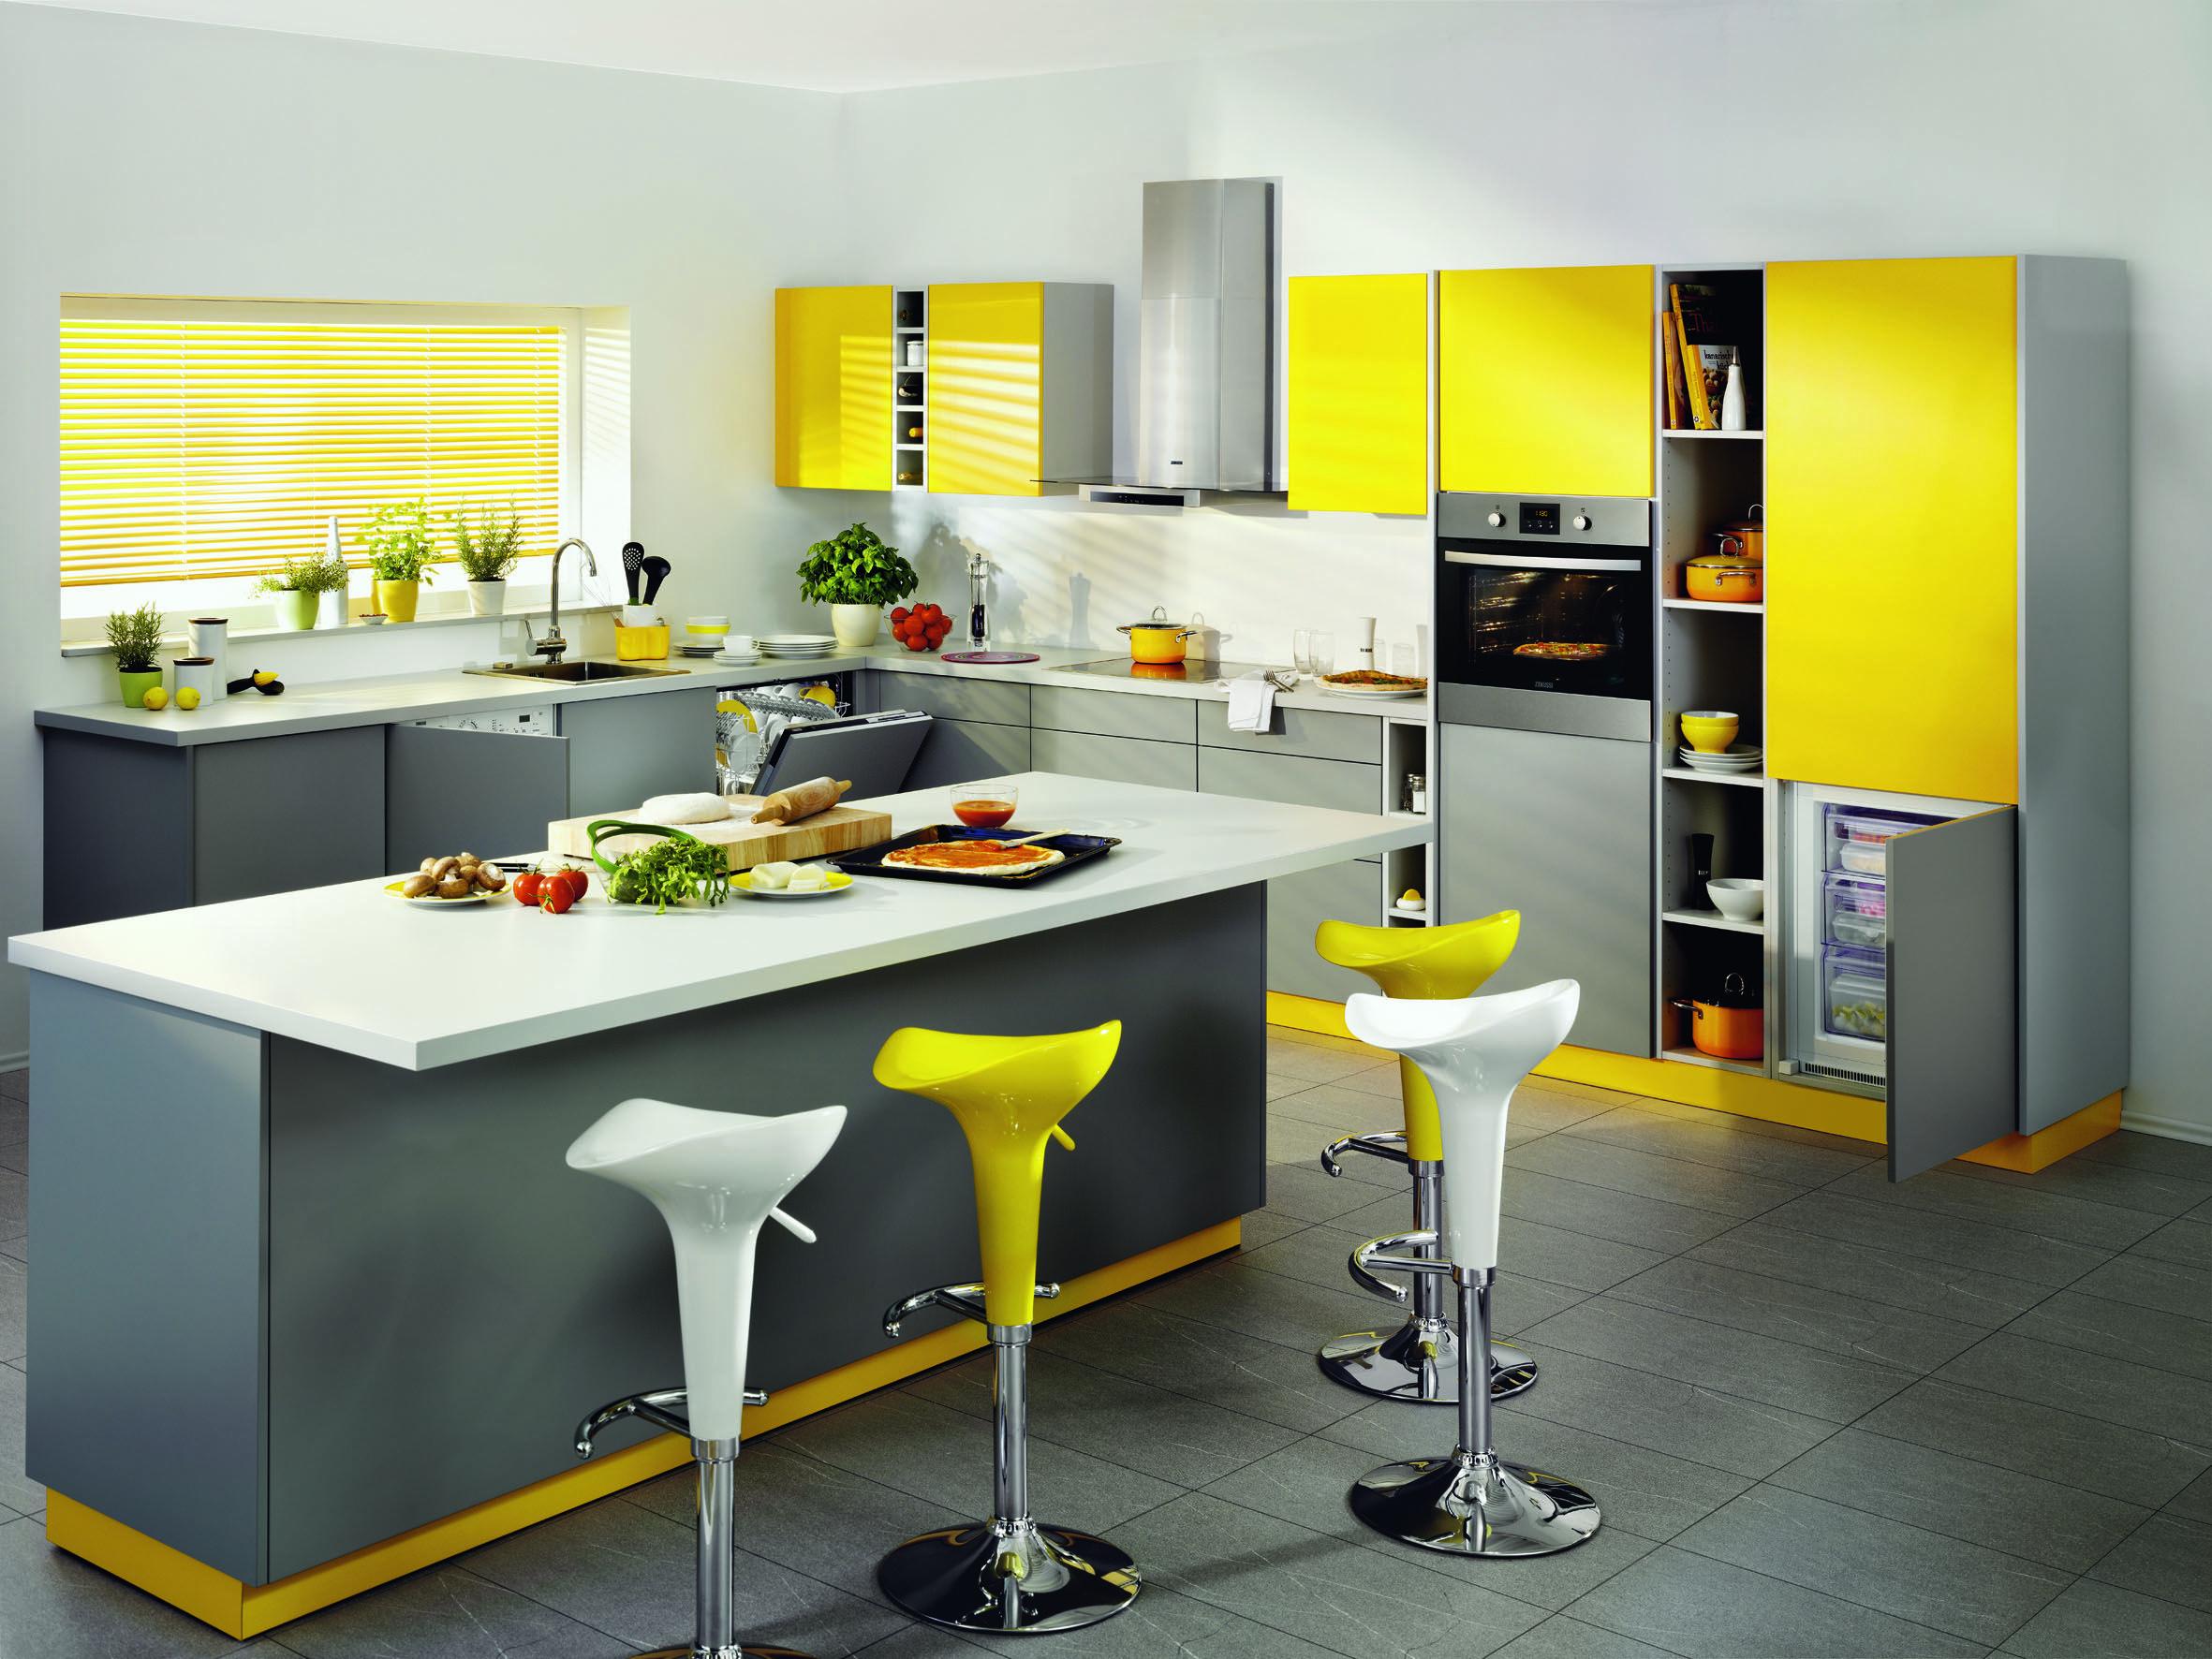 Geel De Keuken : Zanussinl combineert grijs en wit met zonnig geel voor een vrolijke